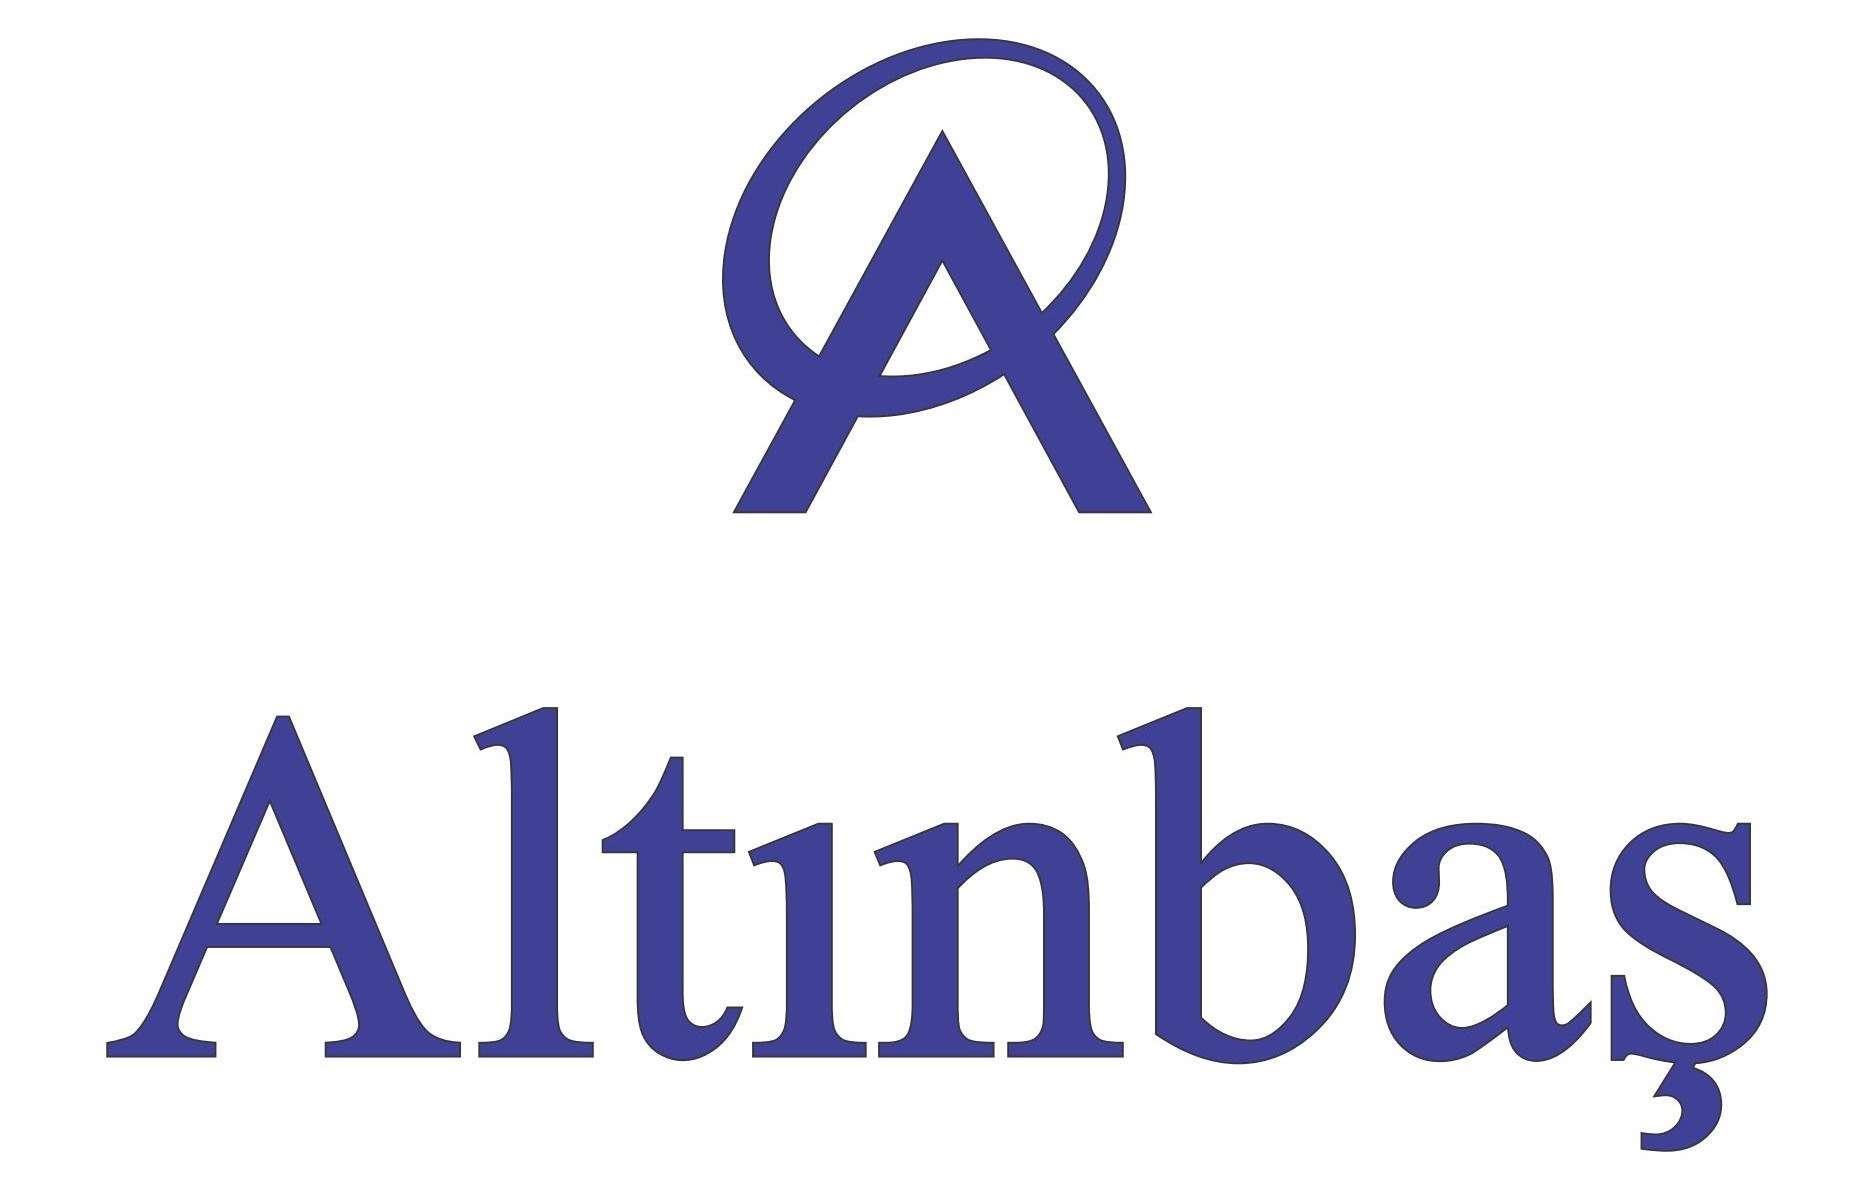 altinbas_logo